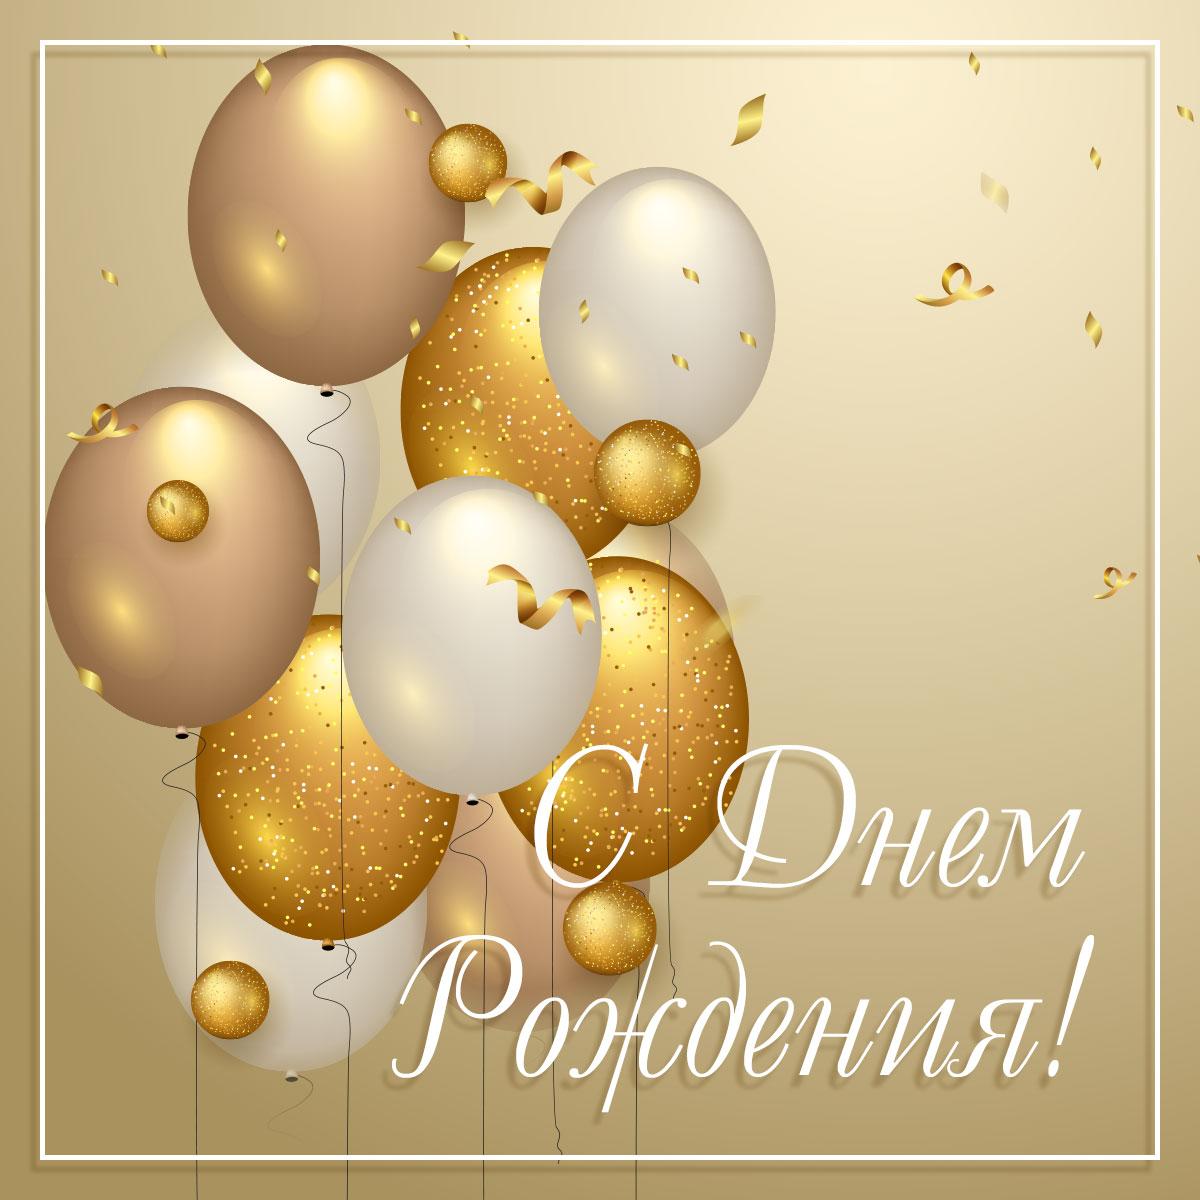 Картинка золотая открытка с днем рождения с воздушными шарами и поздравительным текстом.